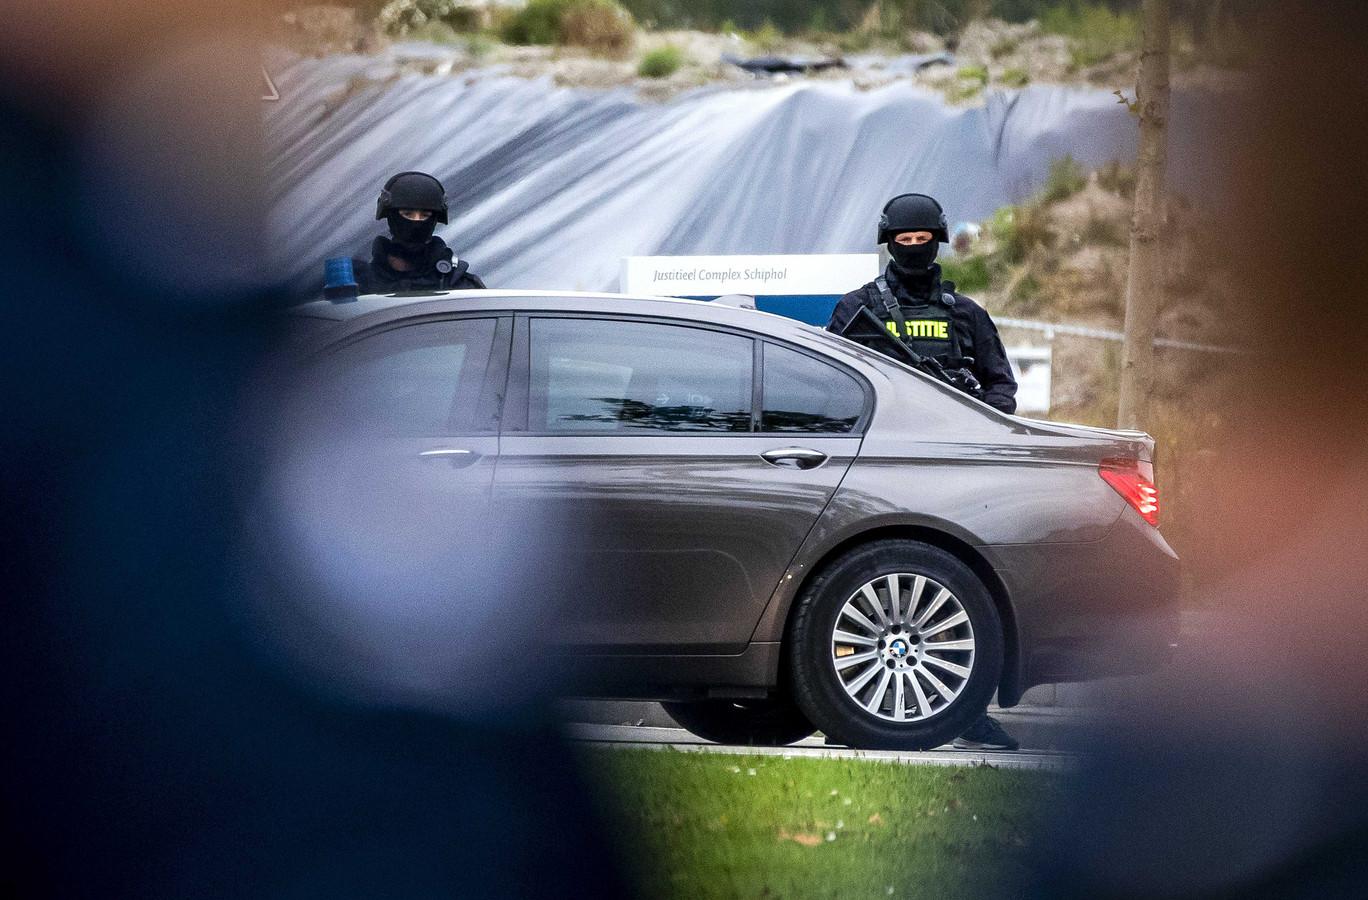 Politiebeveiliging bij de extra beveiligde rechtbank op Schiphol, waar de pro formazitting in de strafzaak Marengo plaatsvindt